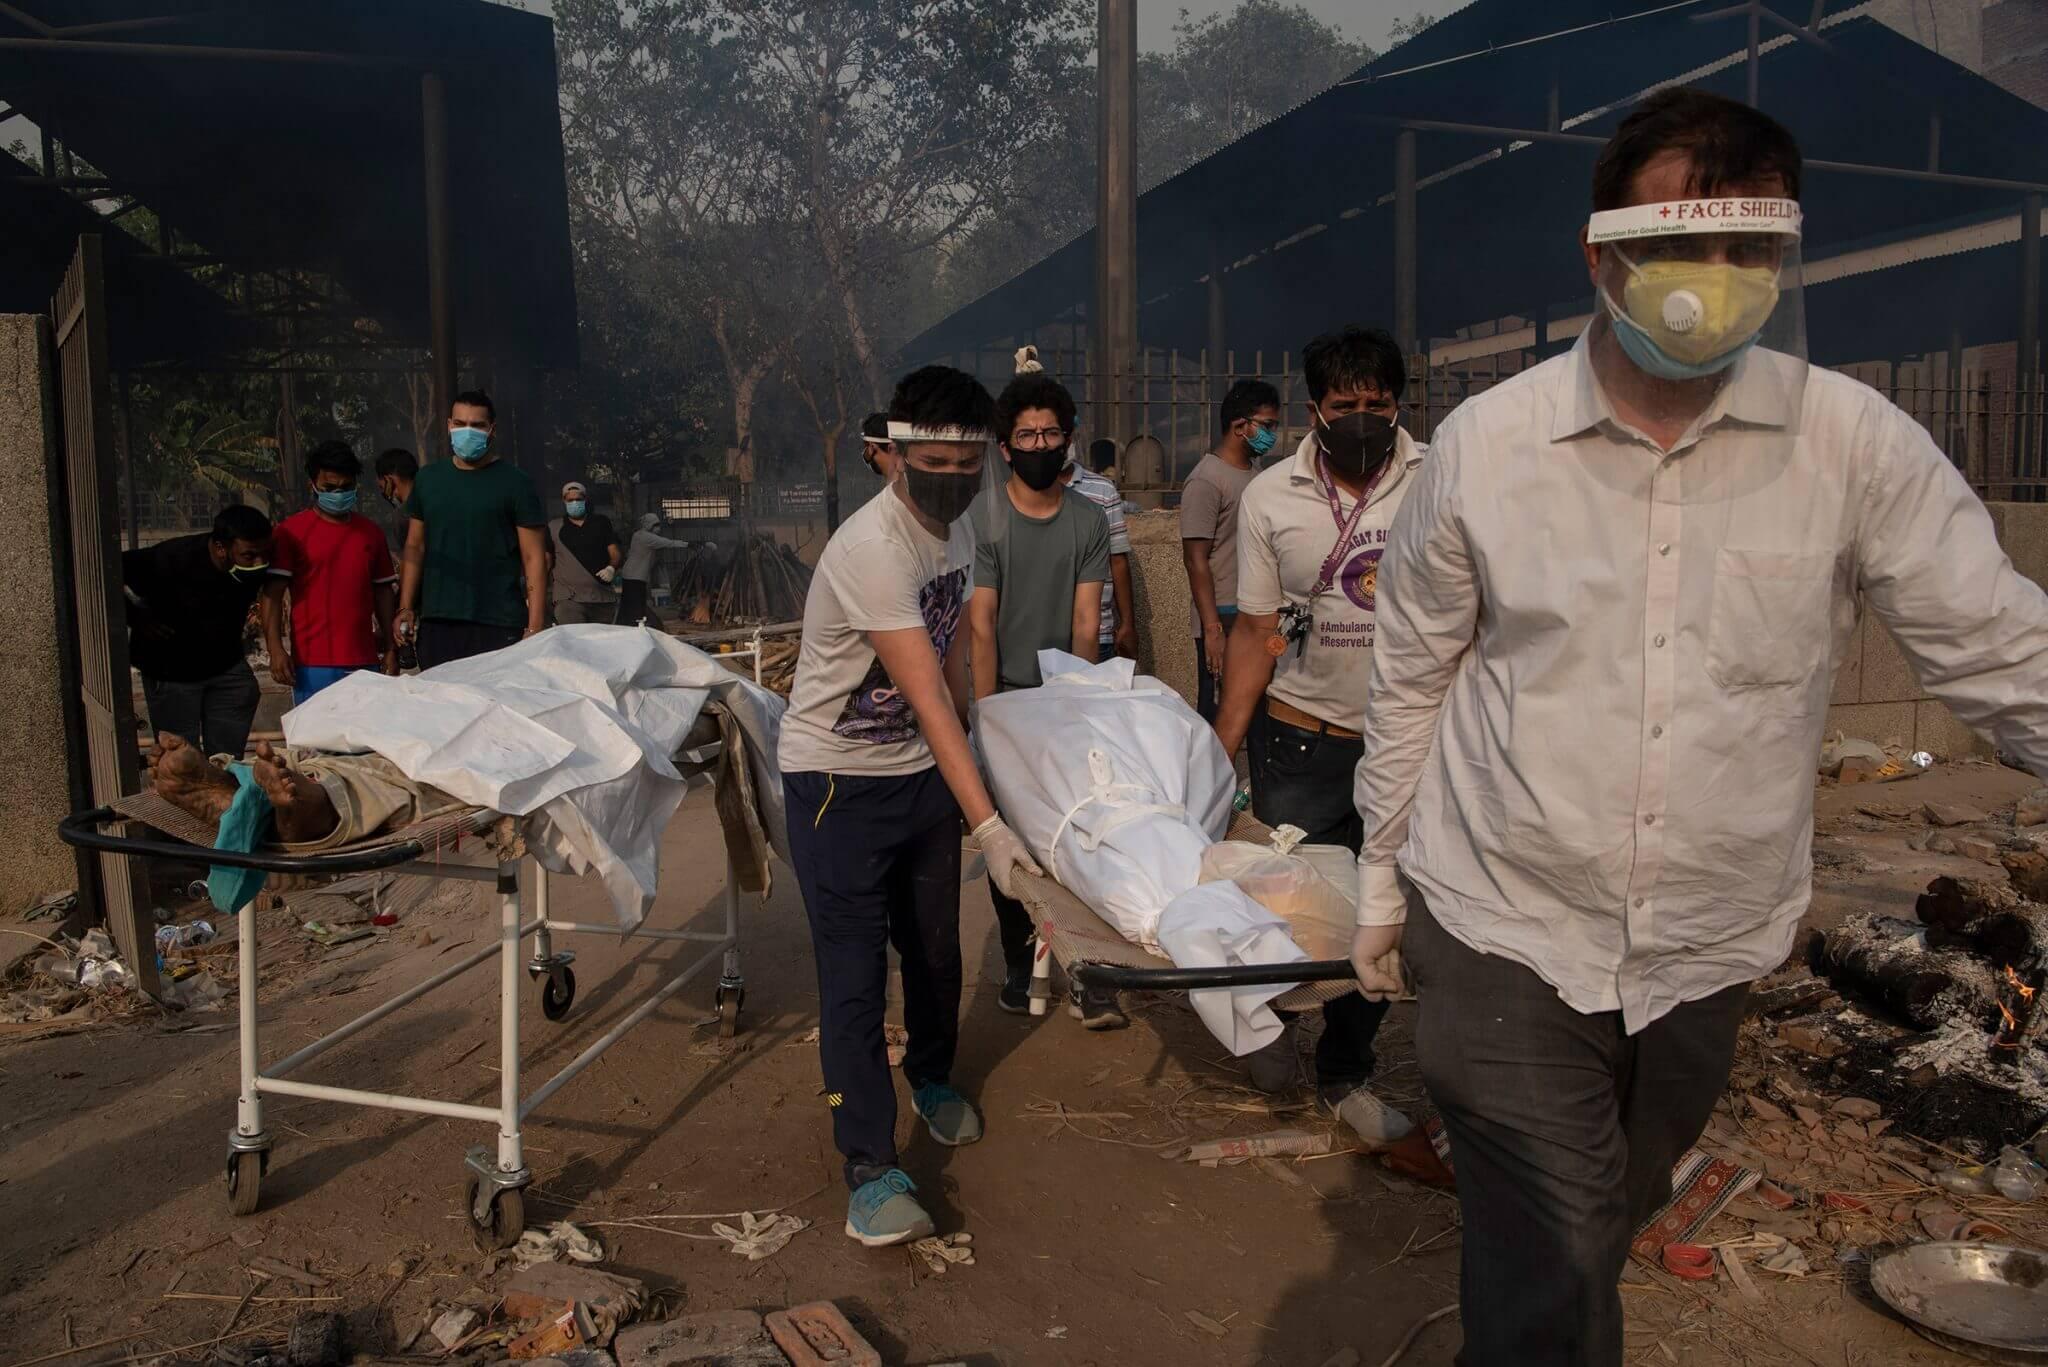 - saumya khandelwal india crematorium covid 1 scaled - ເຊື້ອພະຍາດ ໂຄວິດ-19 ສາຍພັນ B.1.617 ທີ່ພົບ ການລະບາດ ຄັ້ງທຳອິດ ໃນອິນເດຍ ພວມແຜ່ລະບາດ ໃນ44ປະເທດ